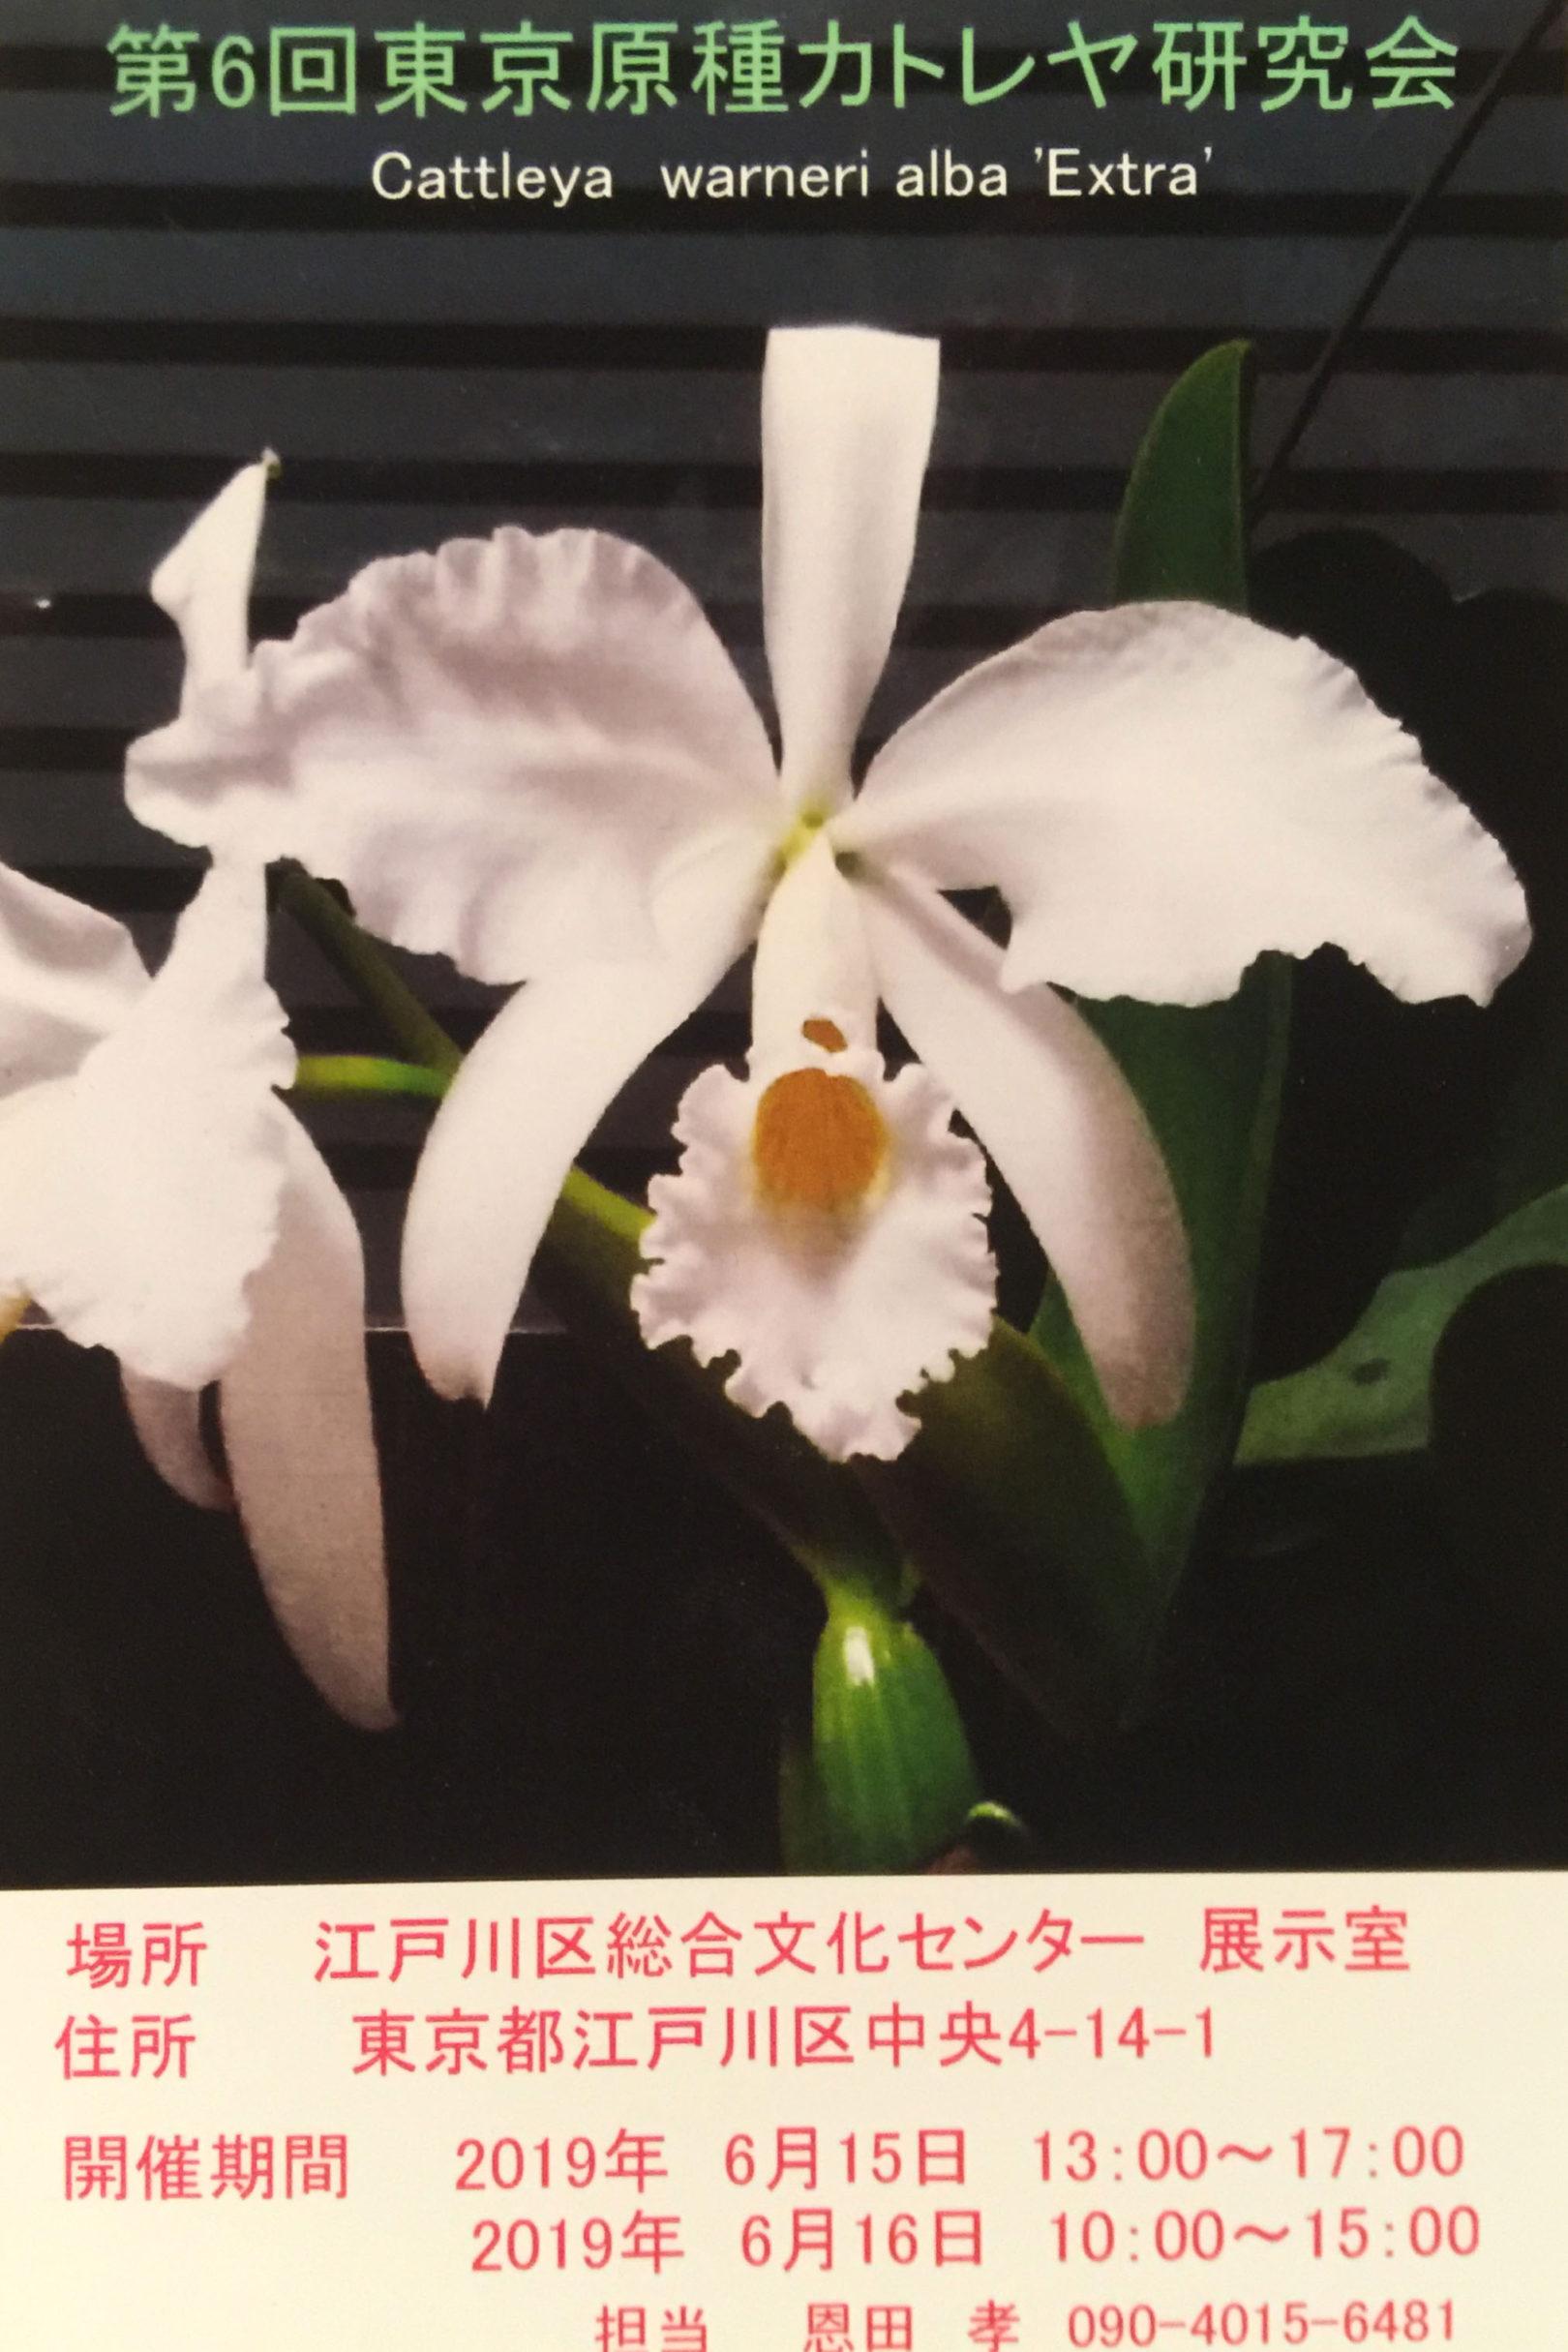 東京原種カトレア研究会